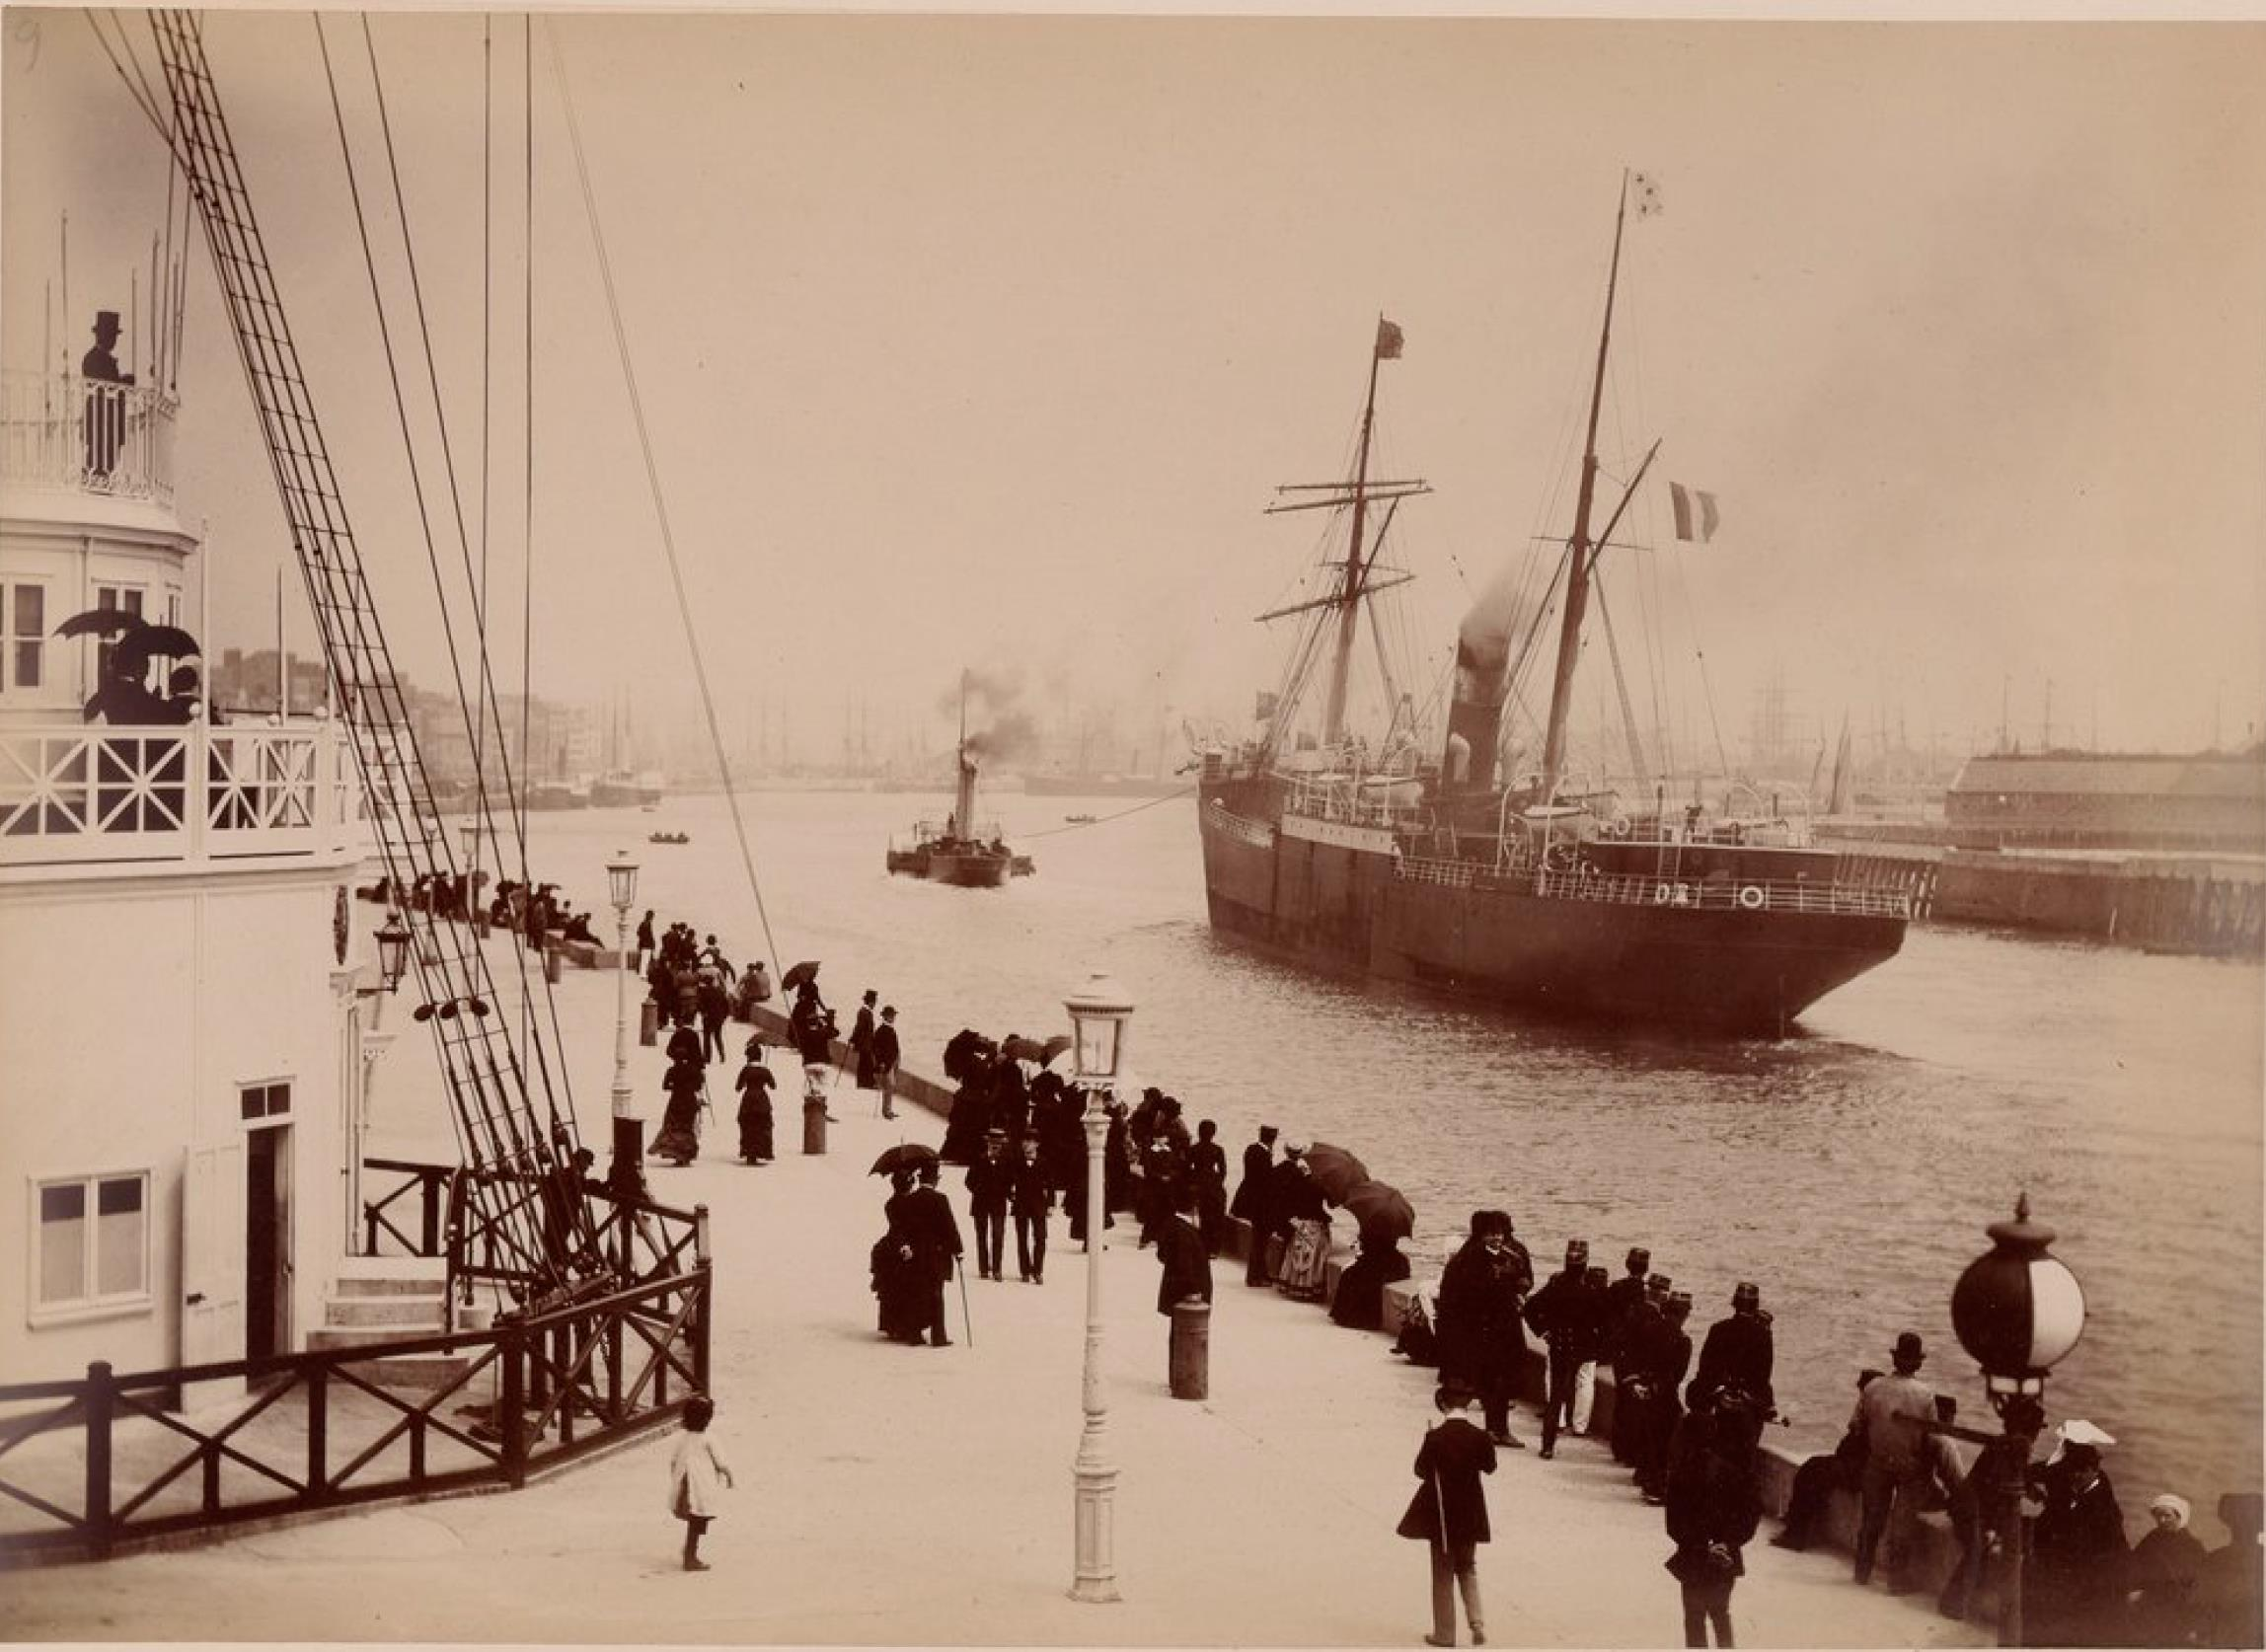 Компания «Chargeurs Reunis». Гавр. Пассажирское судно «Город Пара» (в 1886 году он столкнулся со скалой у Мадейры и мгновенно затонул)